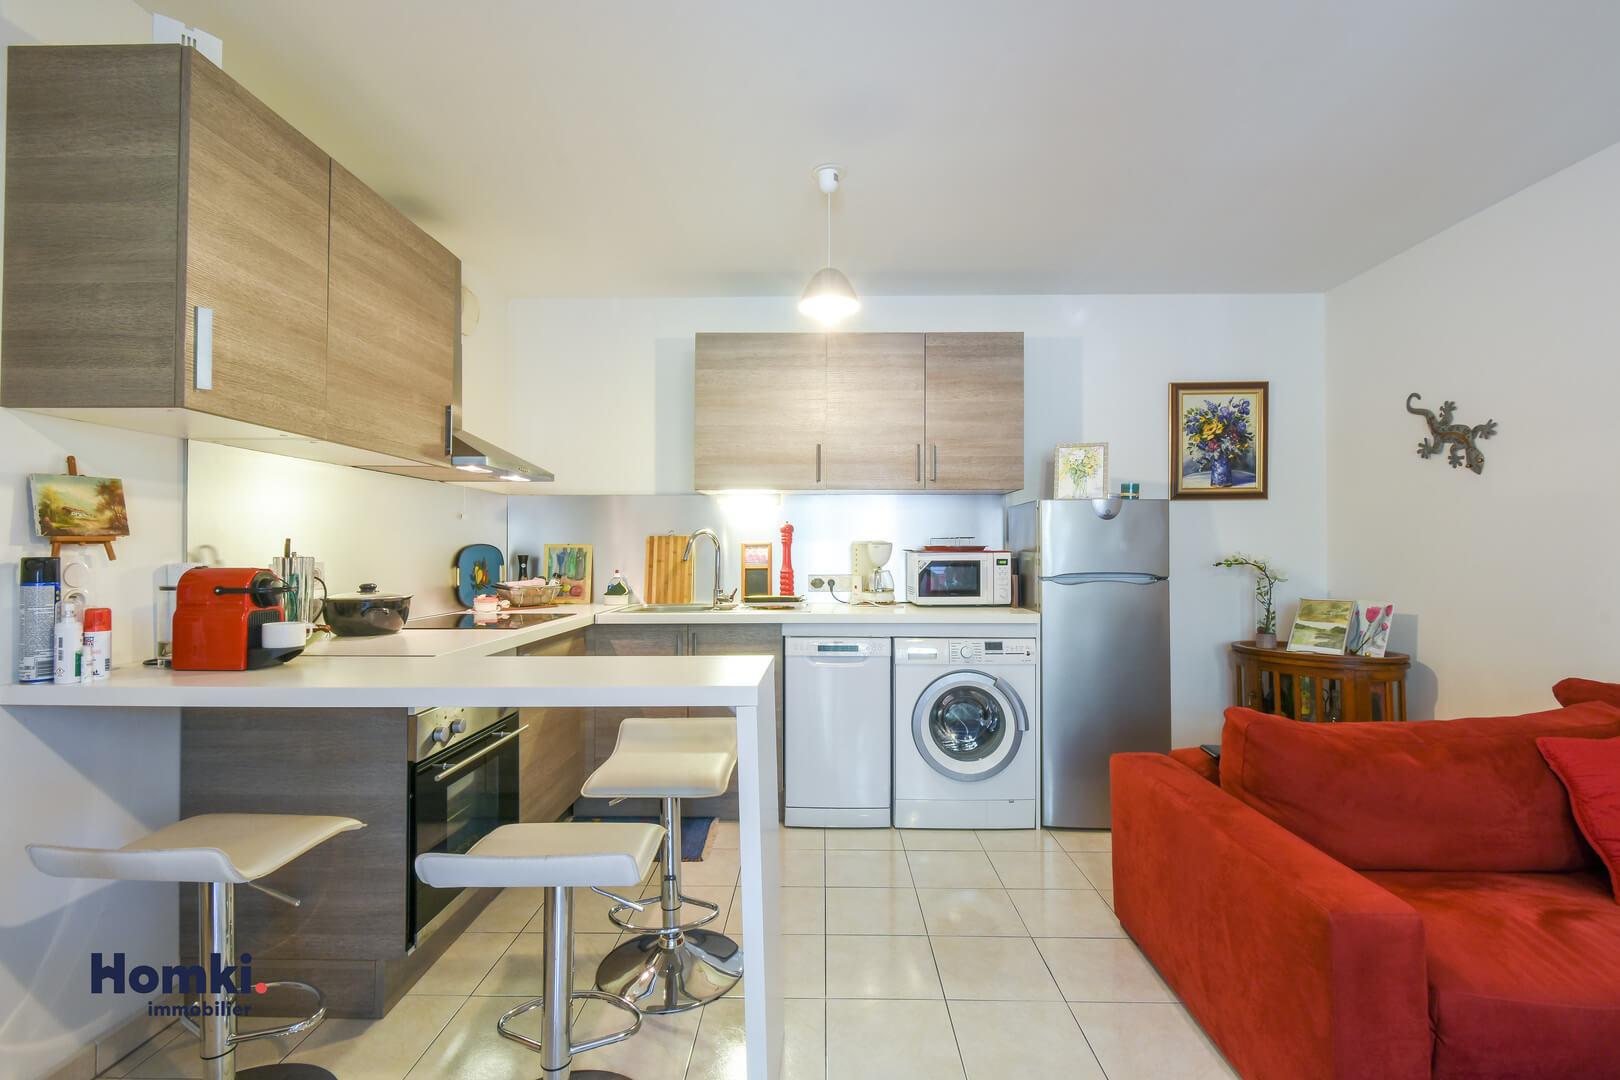 Vente appartement Saint Raphael T3 83700_4